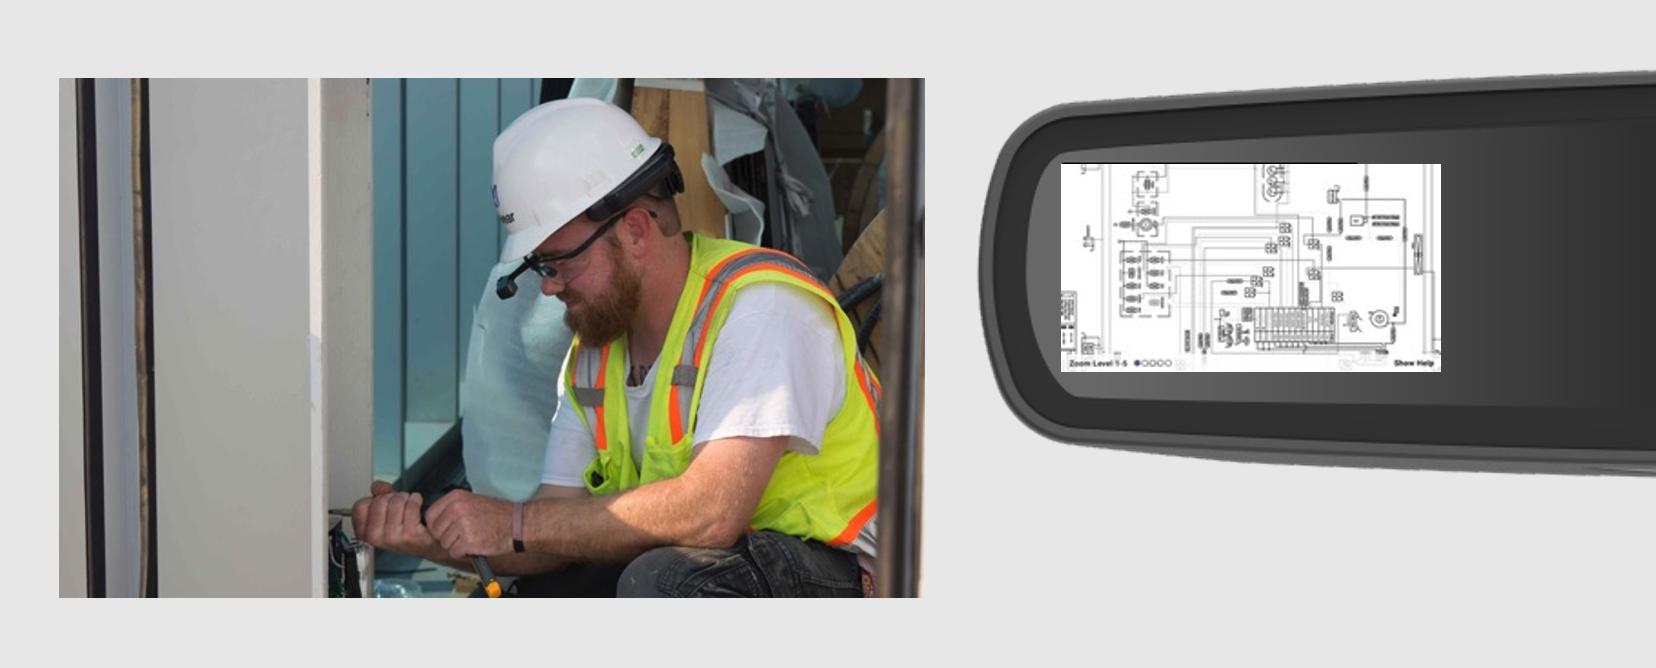 RealWear-HMT-1-Document-Navigator-käyttöympäristö-ja-älylasinäkymä